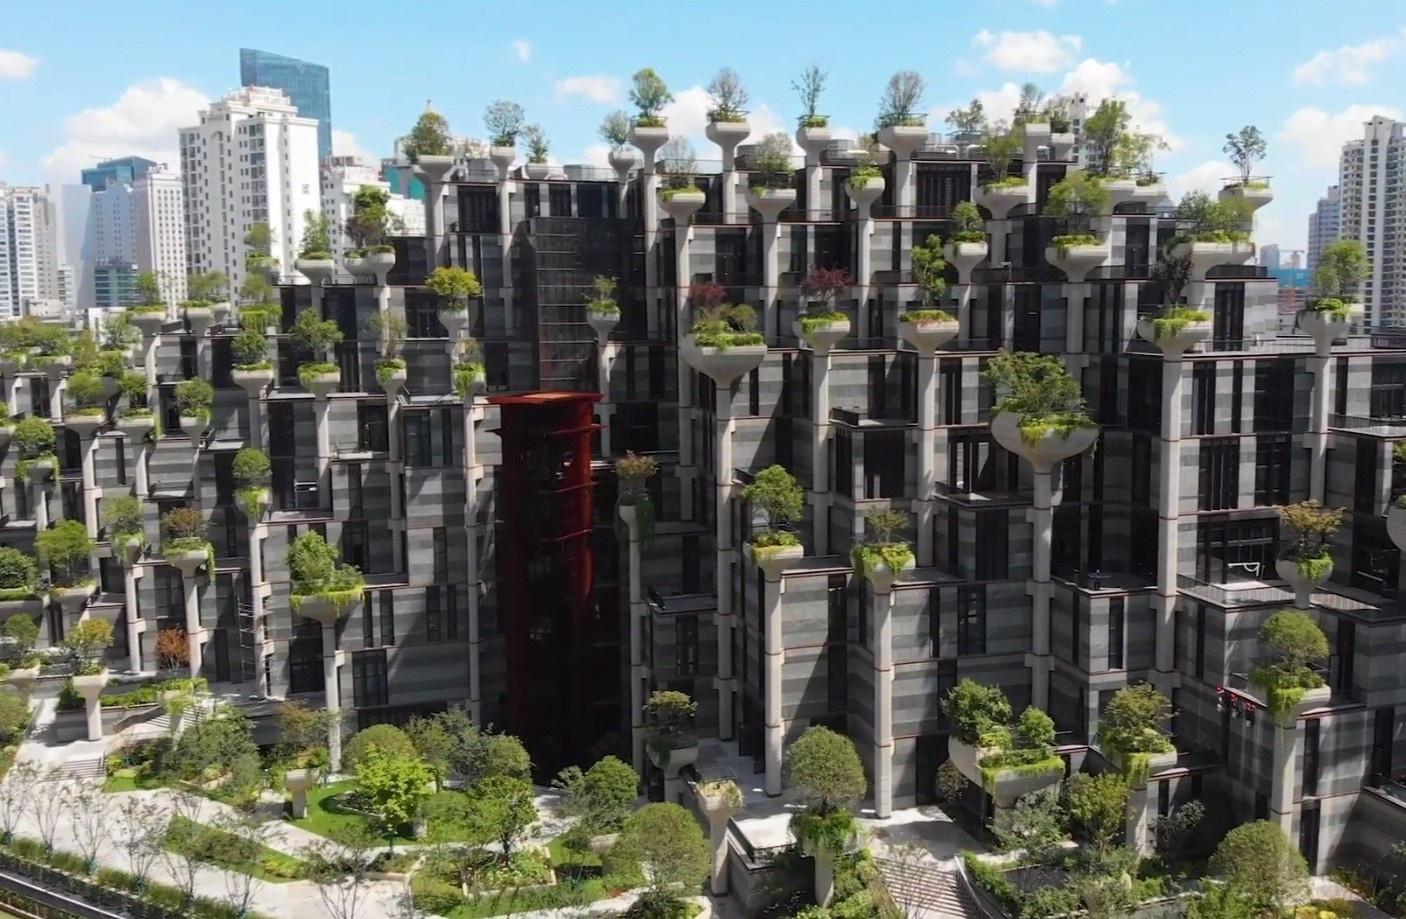 Tòa nhà có kiến trúc bậc thang độc đáo ở Thượng Hải